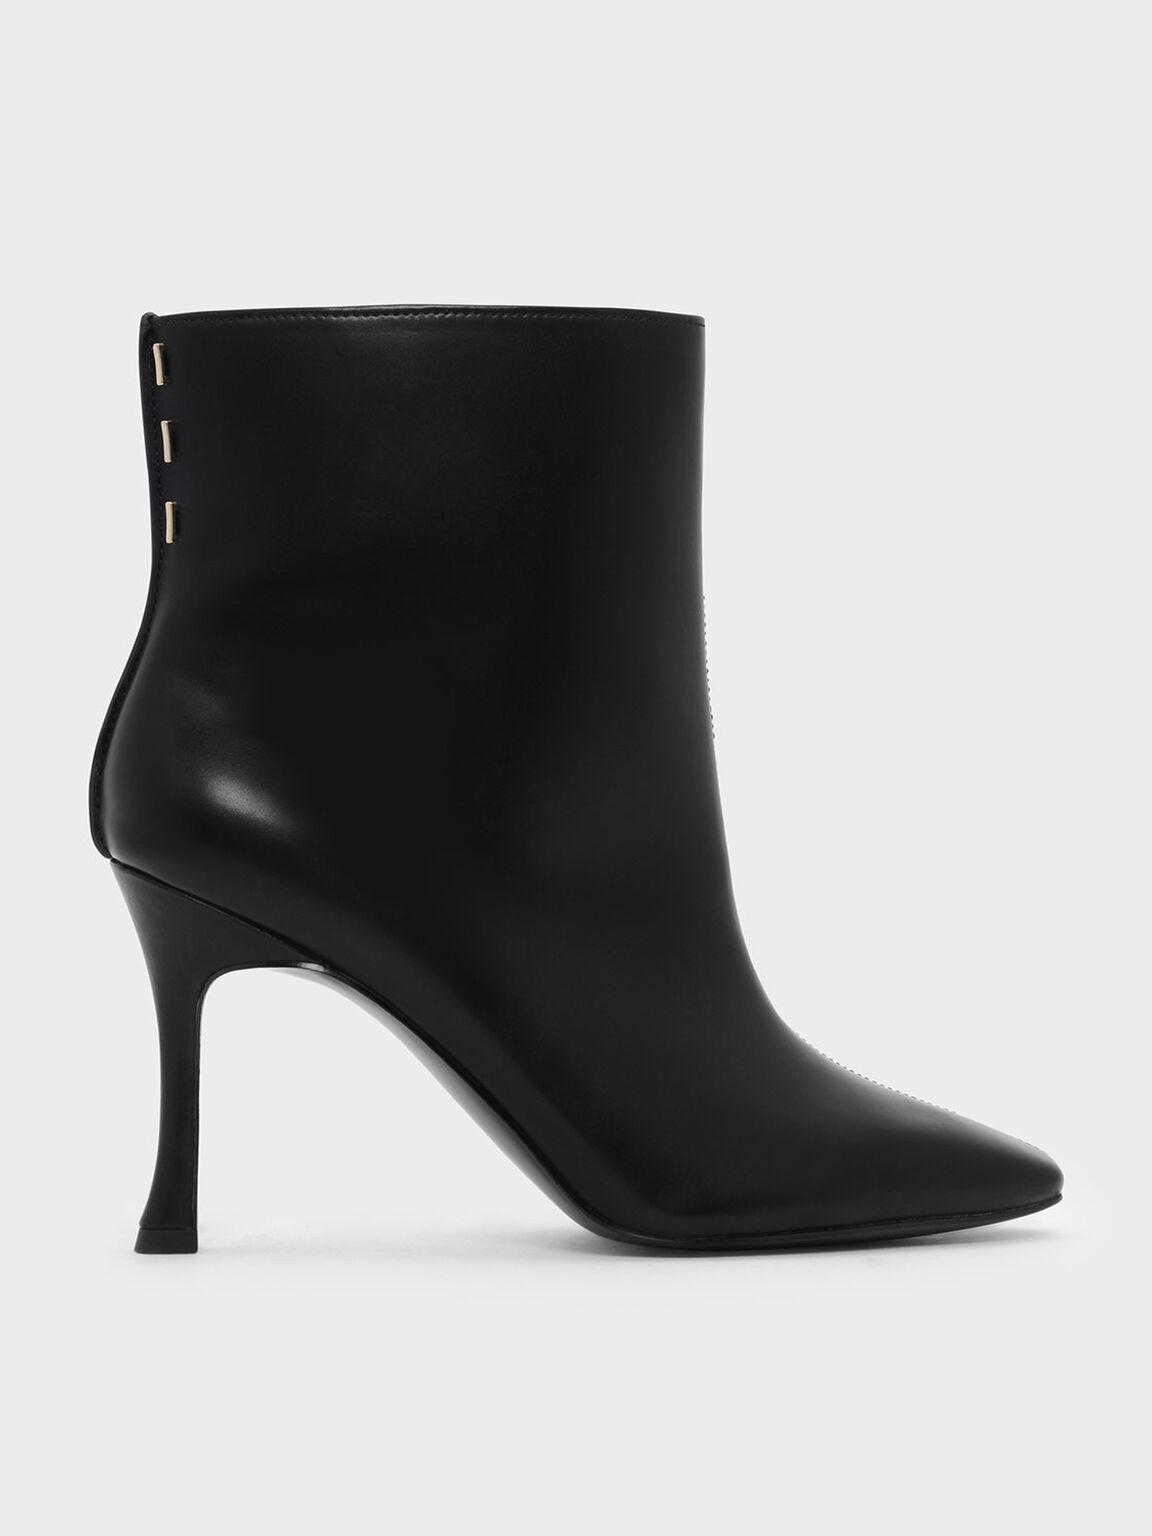 Mini Square Toe Boots, Black, hi-res